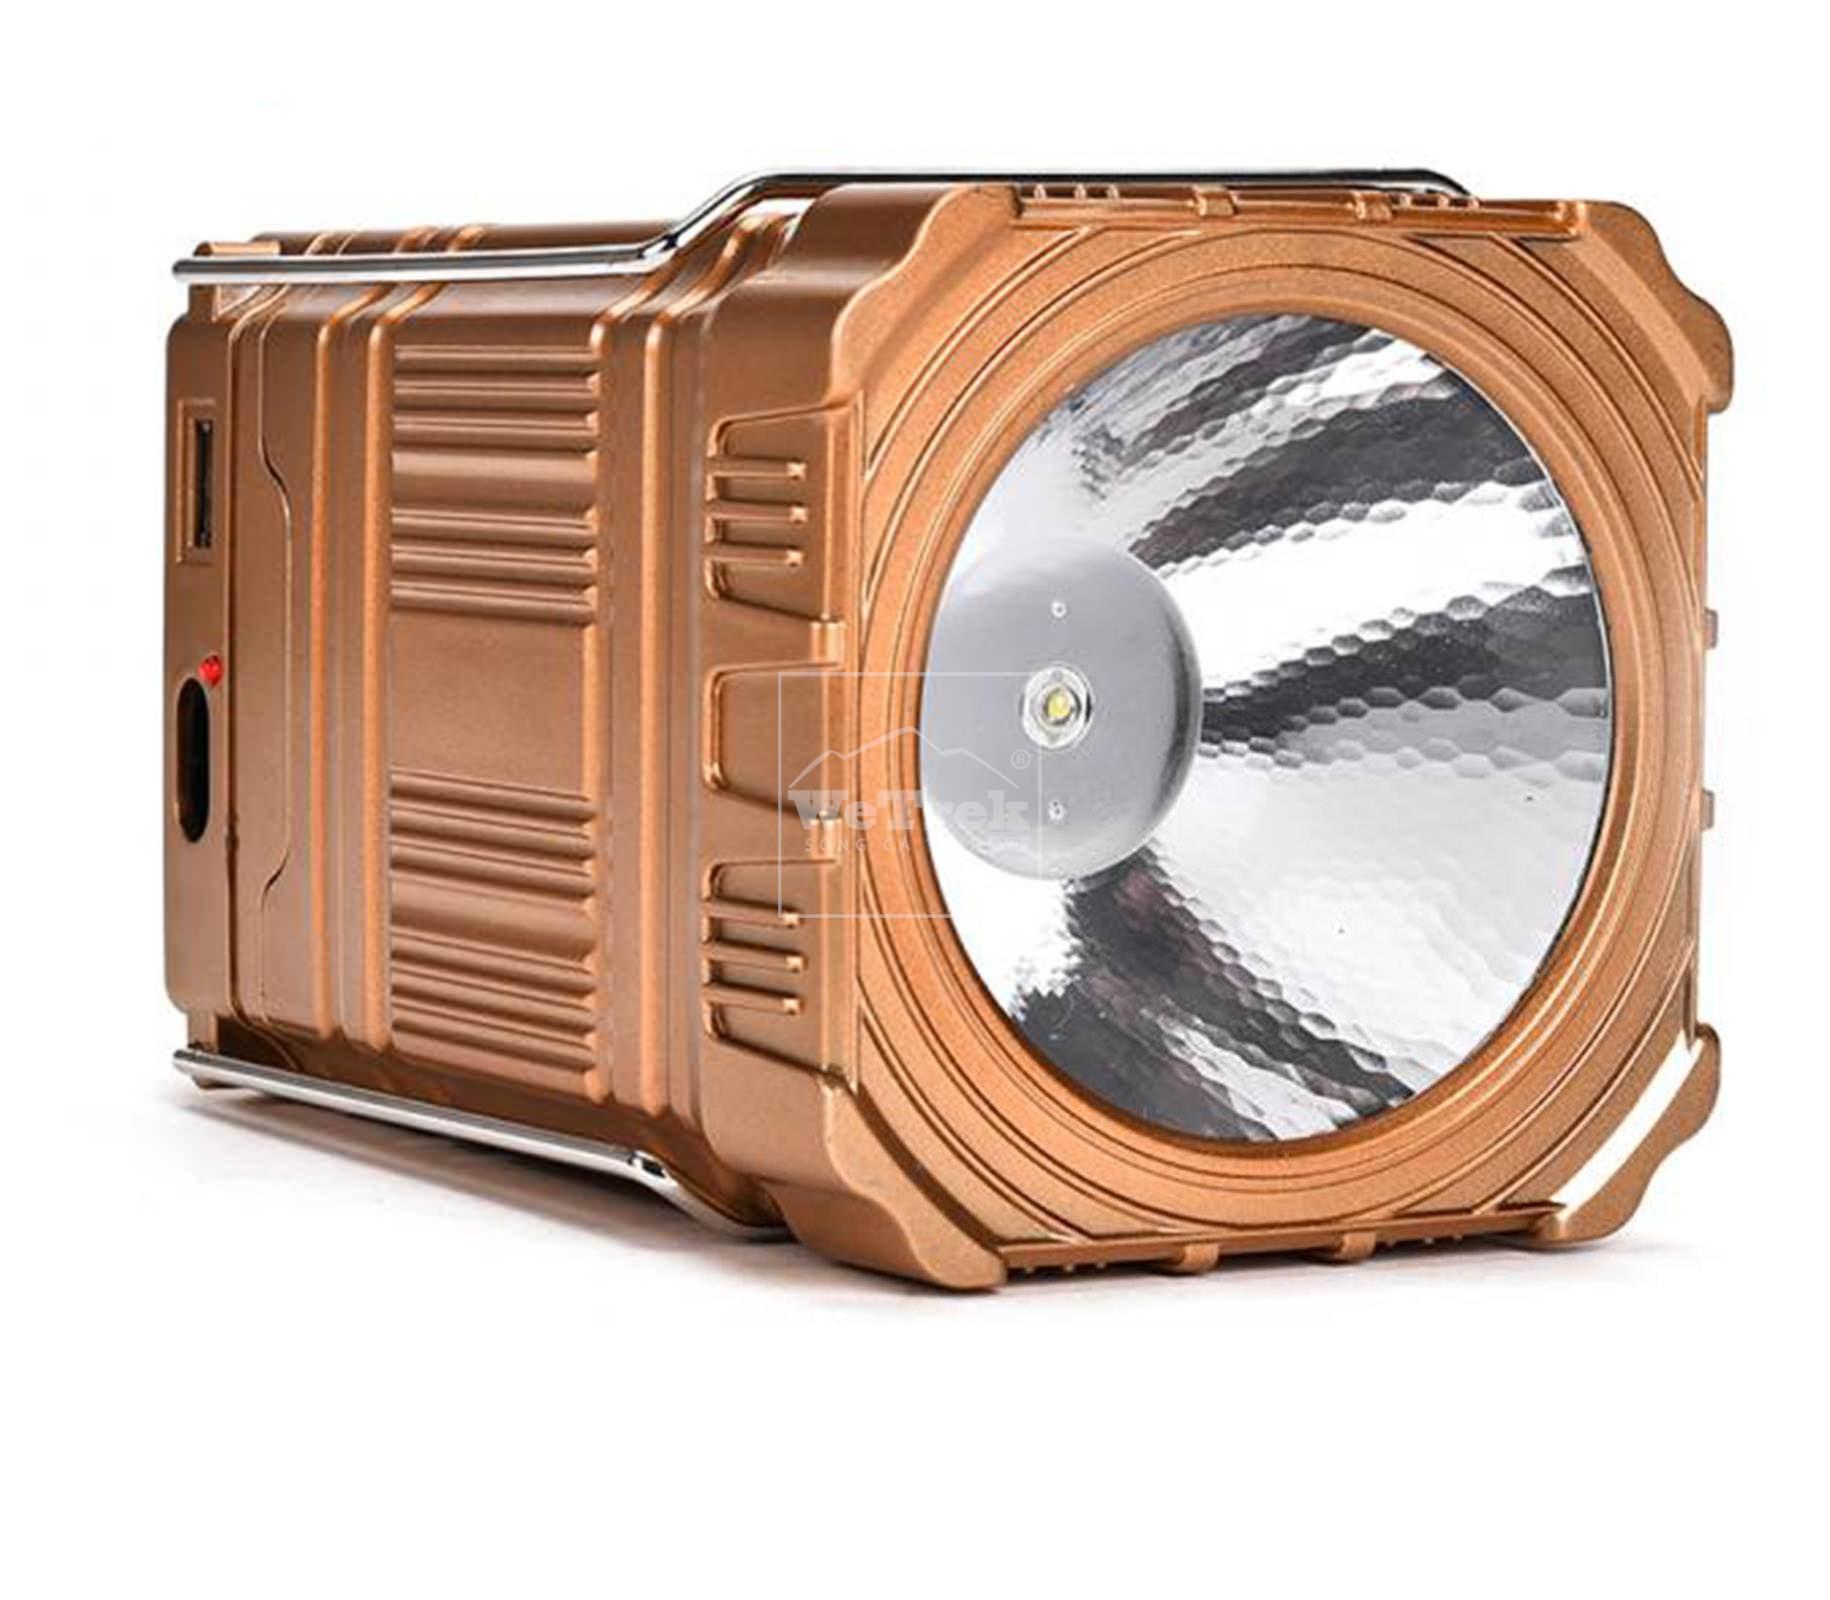 den-leu-8-4-1-led-rechargeable-camping-lantern-gsh-9009a-wetrek.vn-3